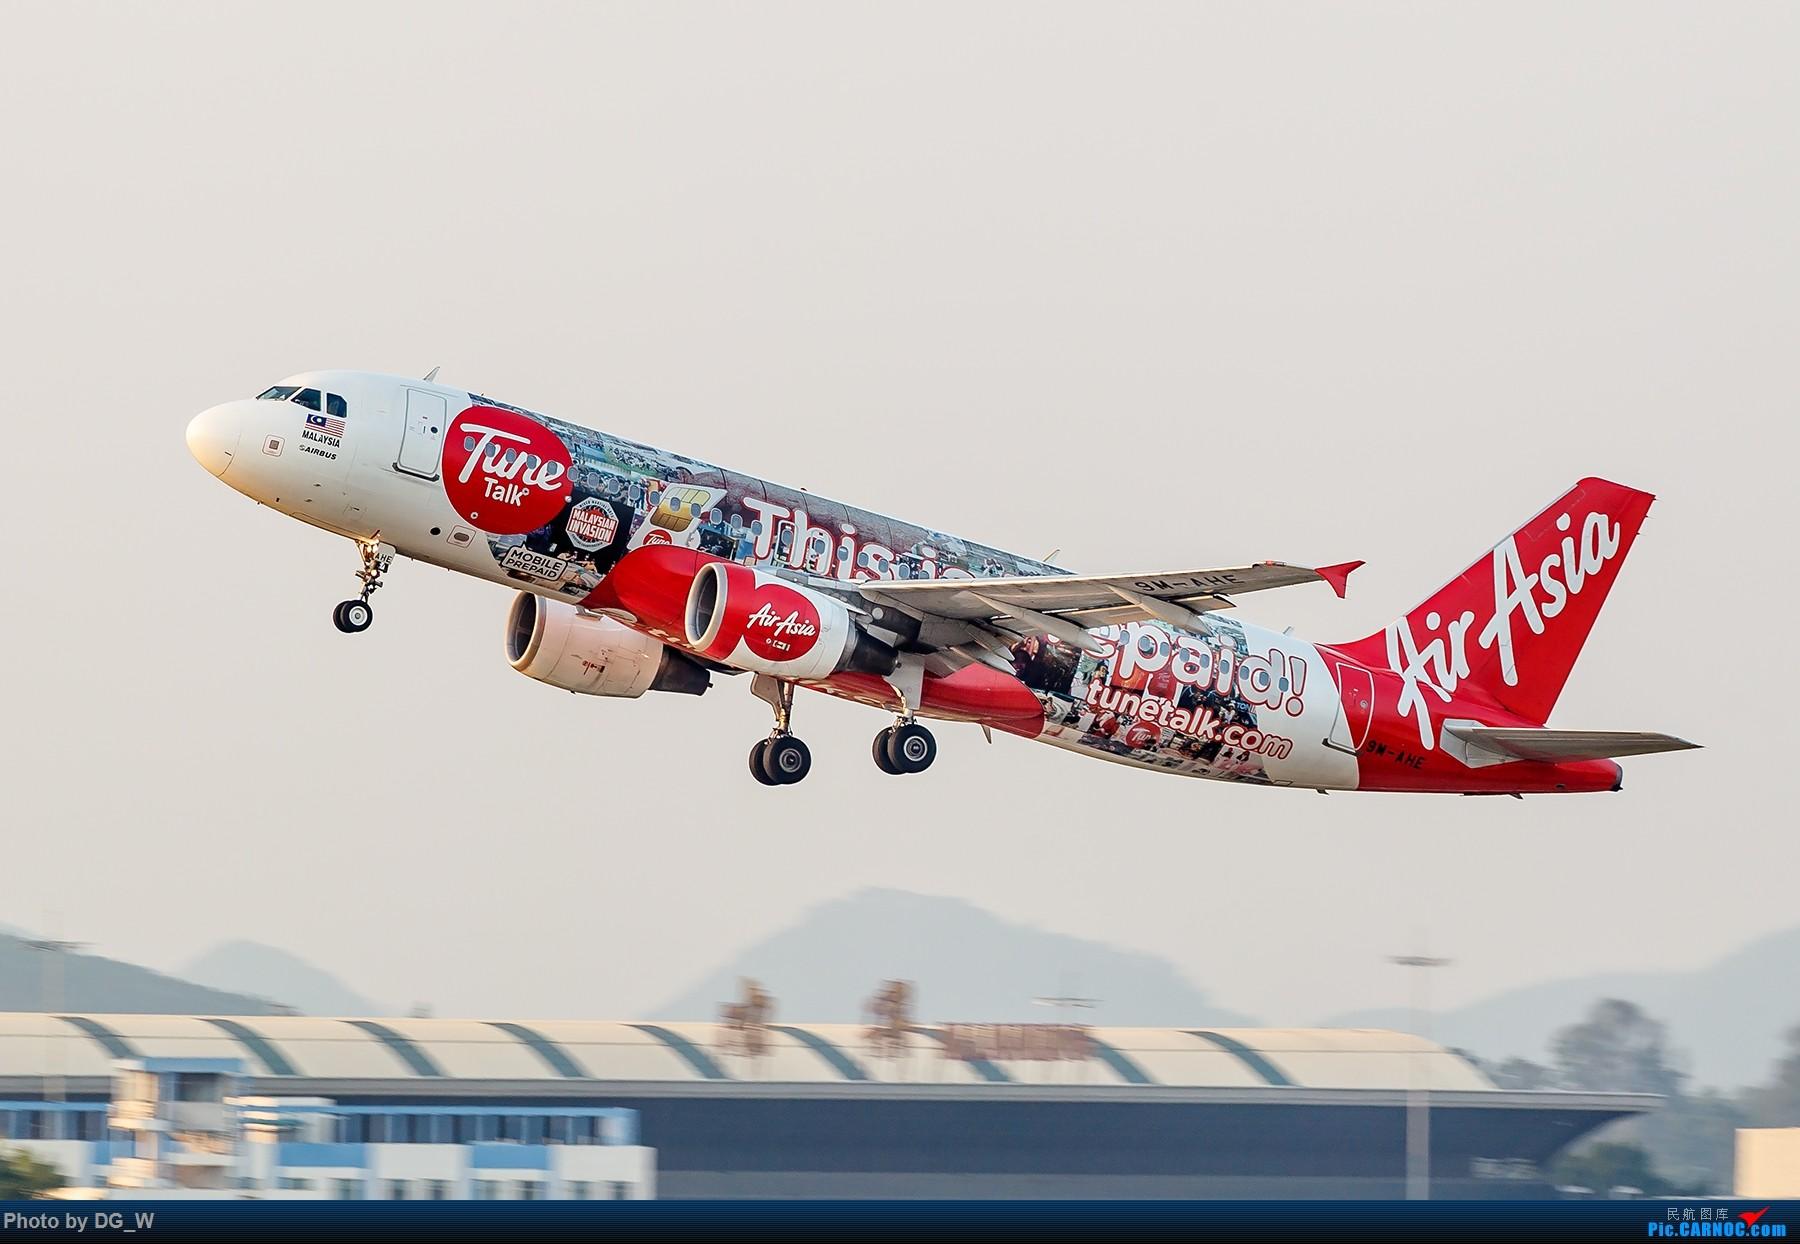 Re:[原创]【南宁飞友】集齐南航邮戳738,外加最近半年拍的部分彩绘 AIRBUS A320-200 9M-AHE 中国南宁吴圩国际机场